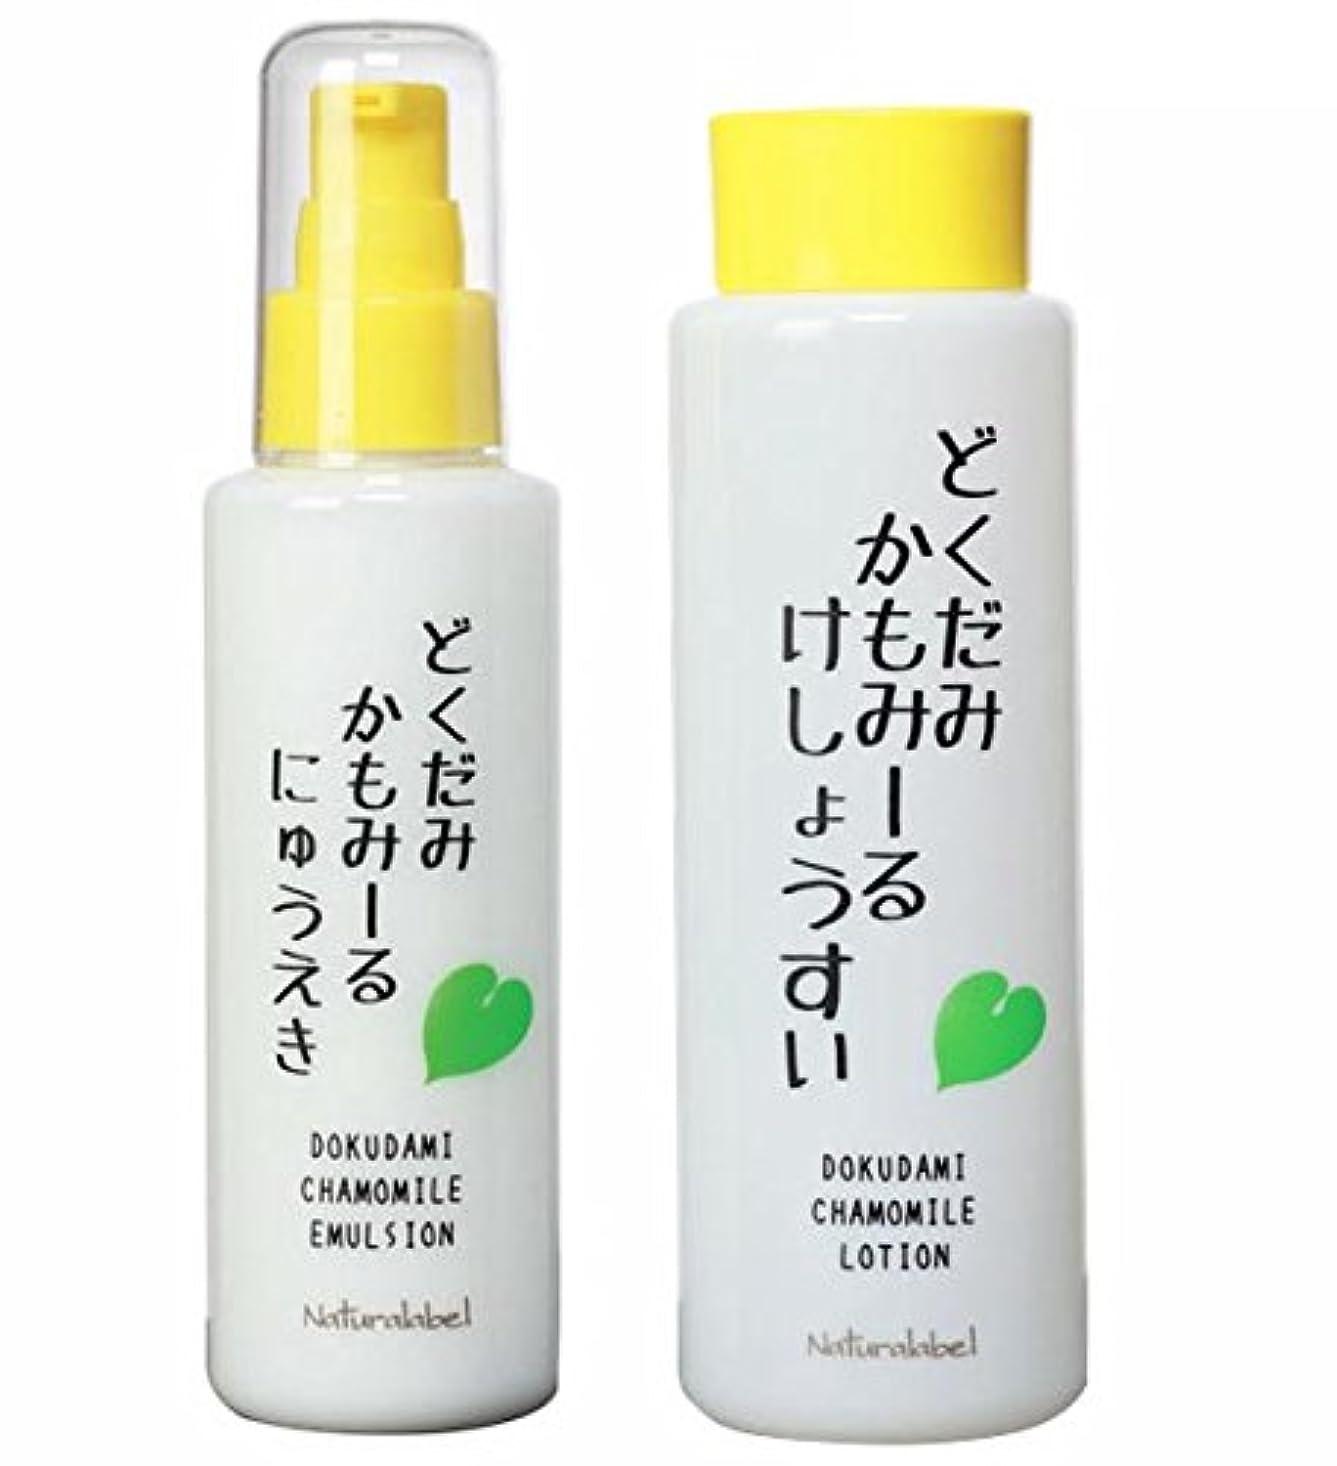 高度なアンソロジー成果どくだみかもみーる化粧品(化粧水+乳液セット)